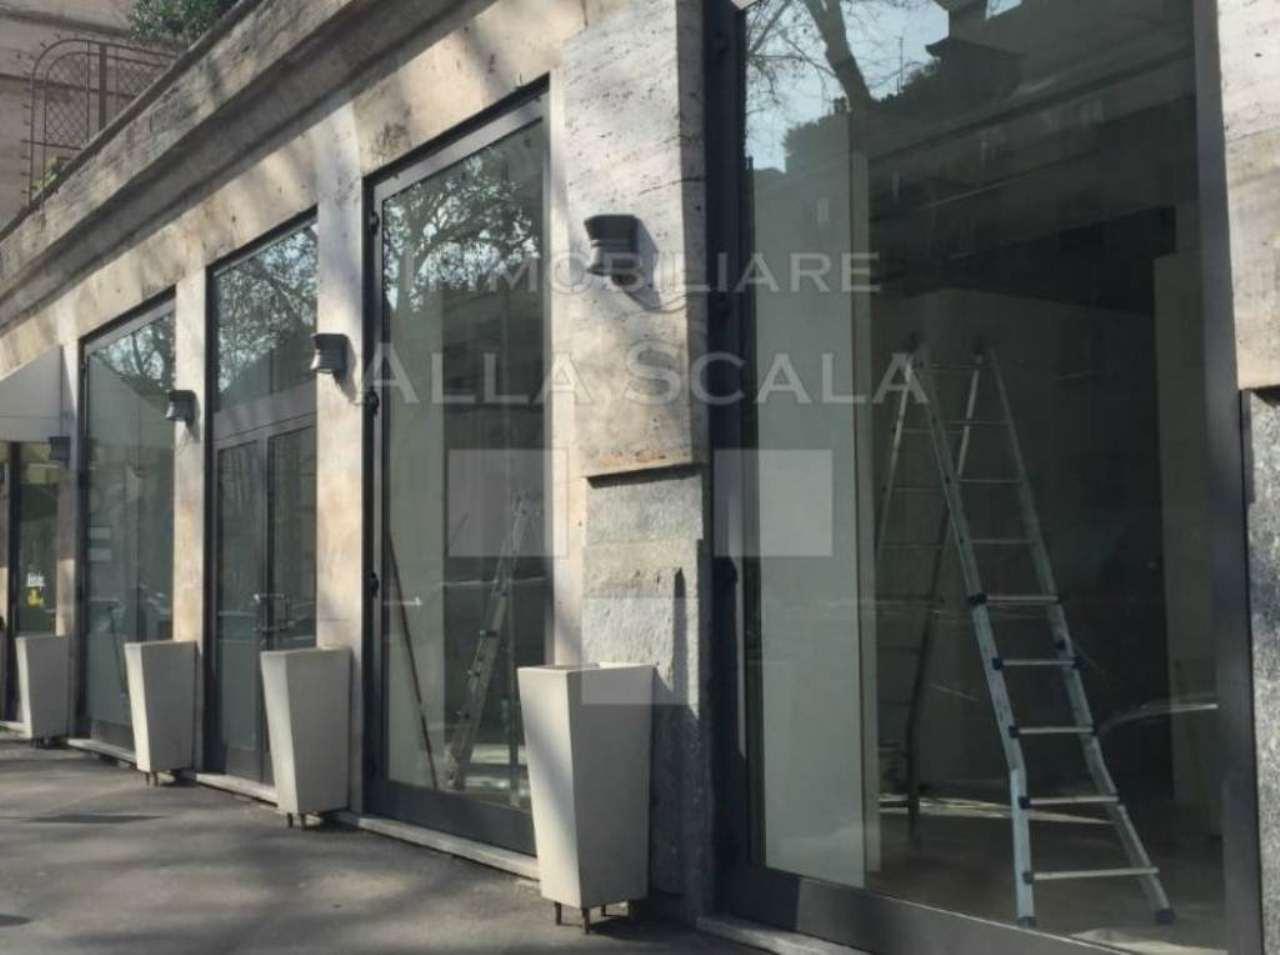 Negozio-locale in Affitto a Milano 01 Centro storico (Cerchia dei Navigli):  2 locali, 195 mq  - Foto 1